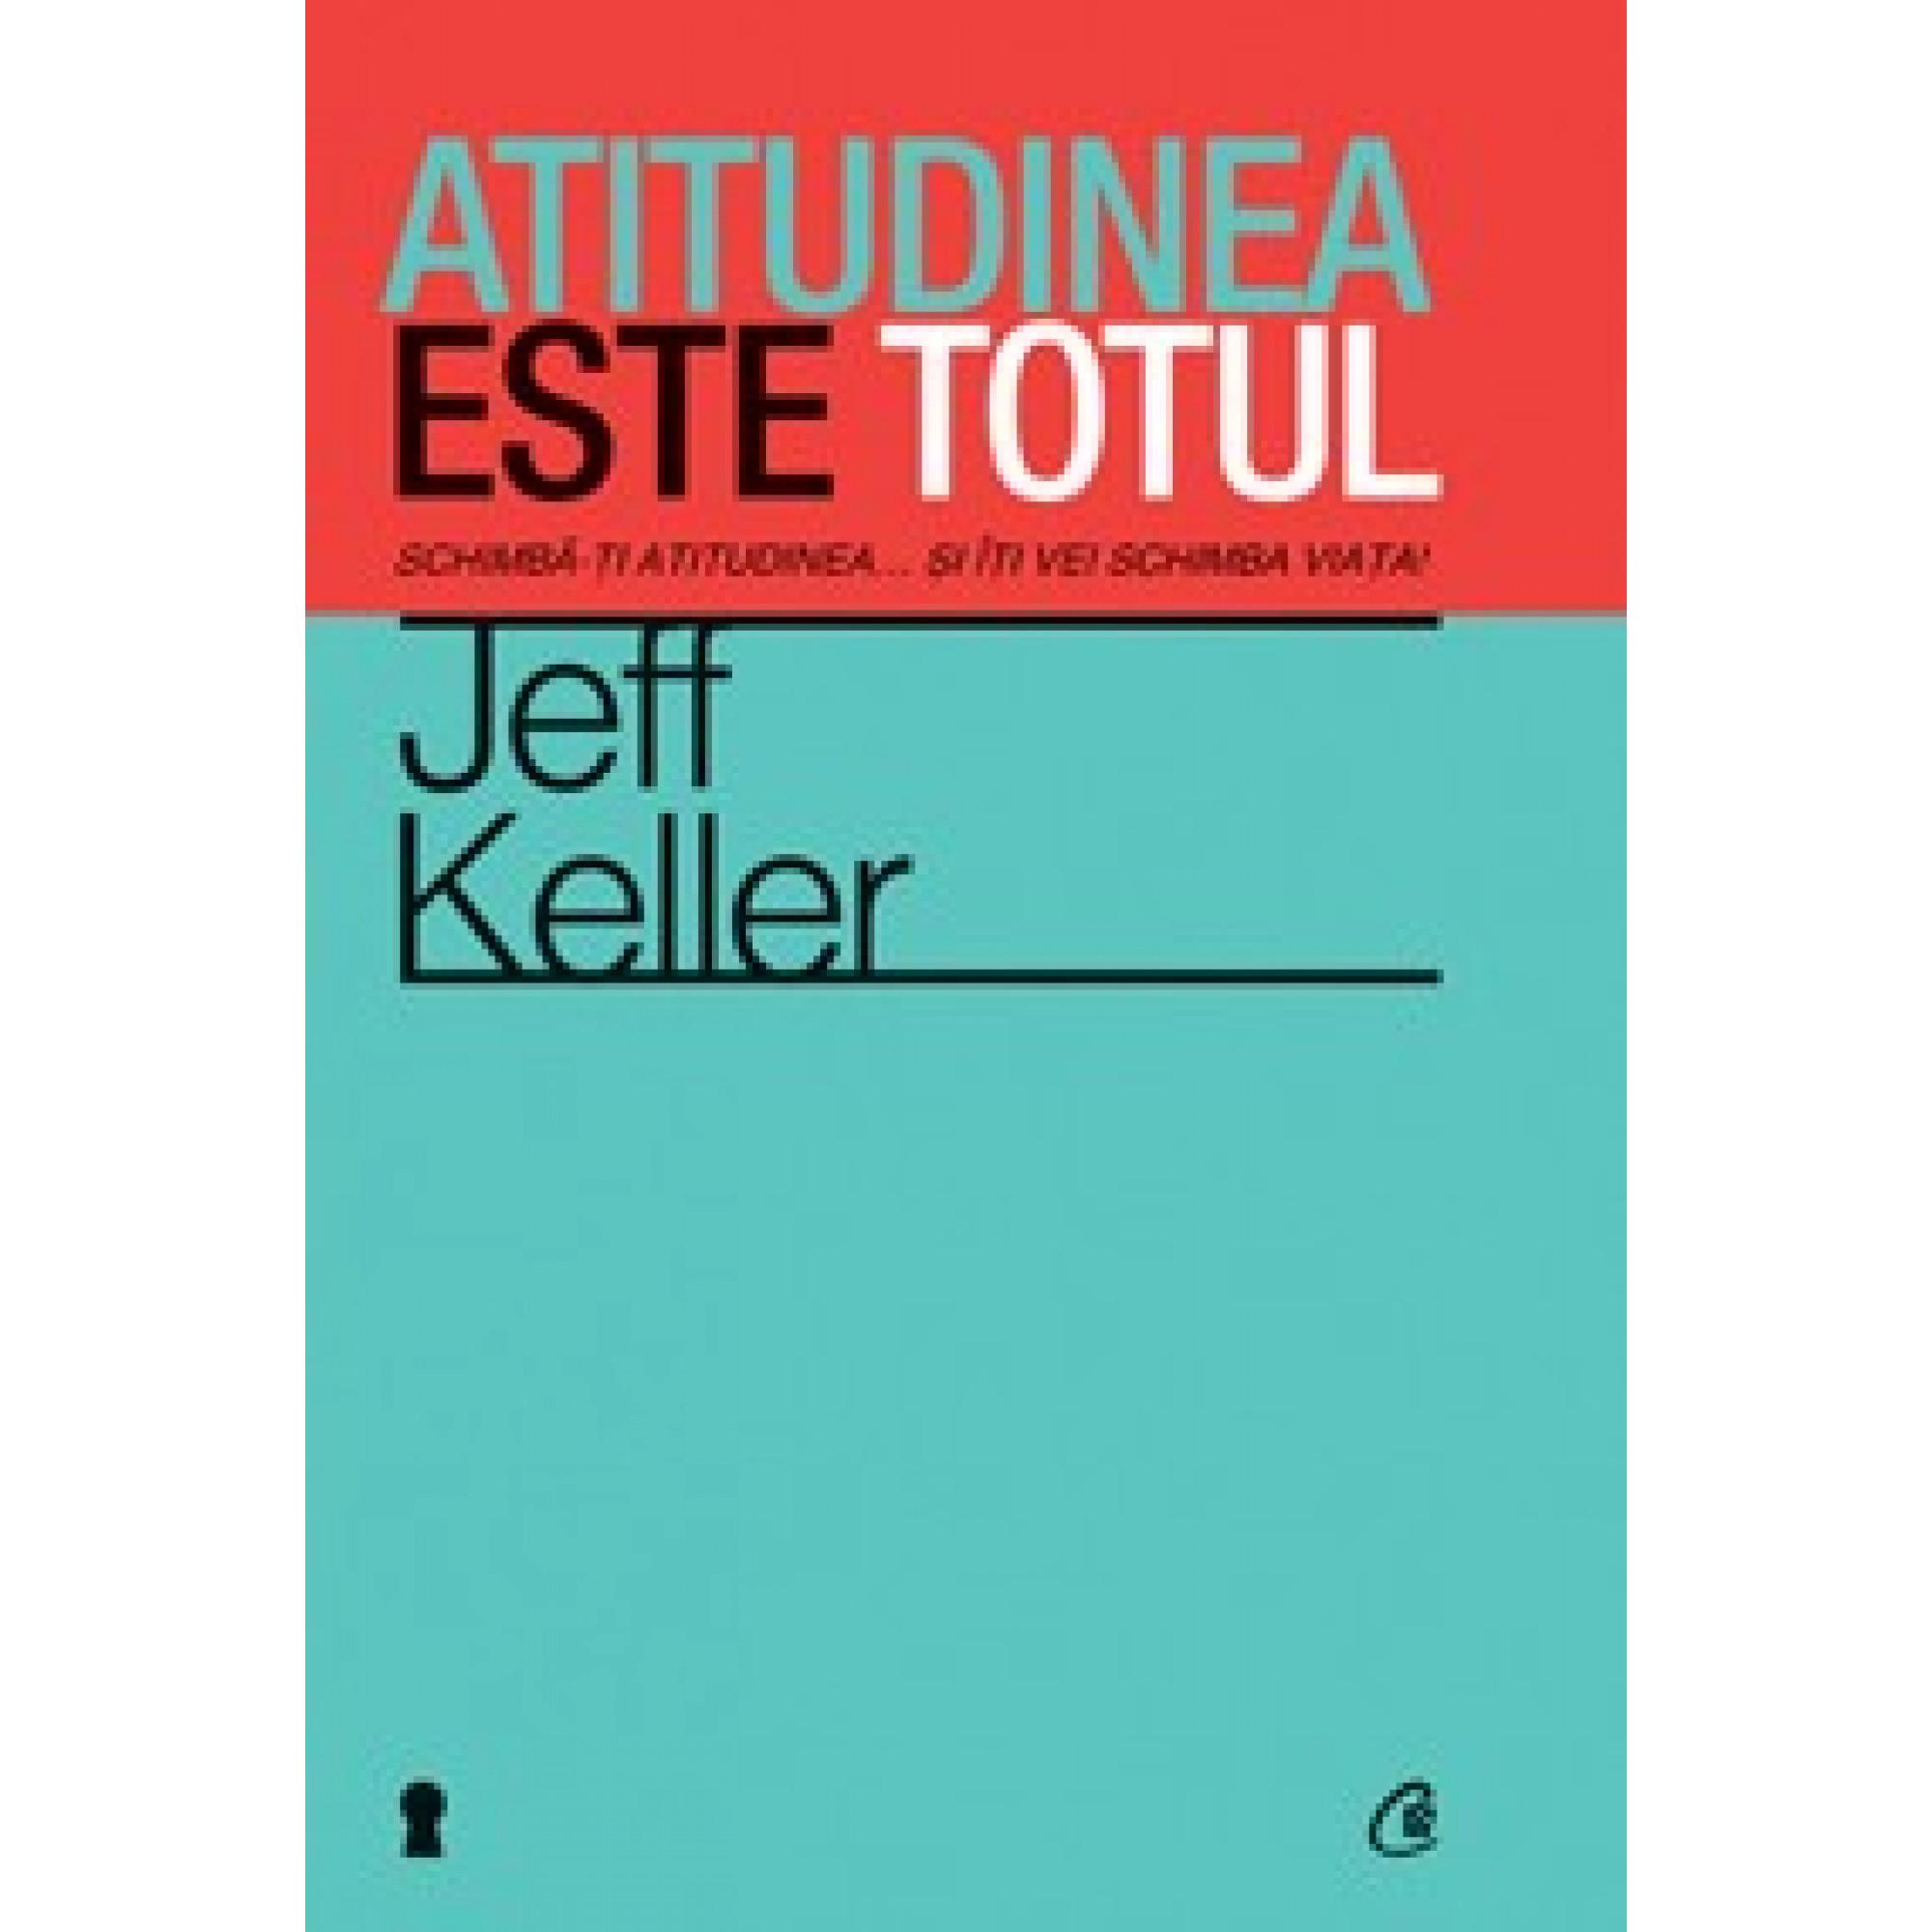 Atitudinea este totul. Schimbă-ţi atitudinea... şi îţi vei schimba viaţa!; Jeff Keller